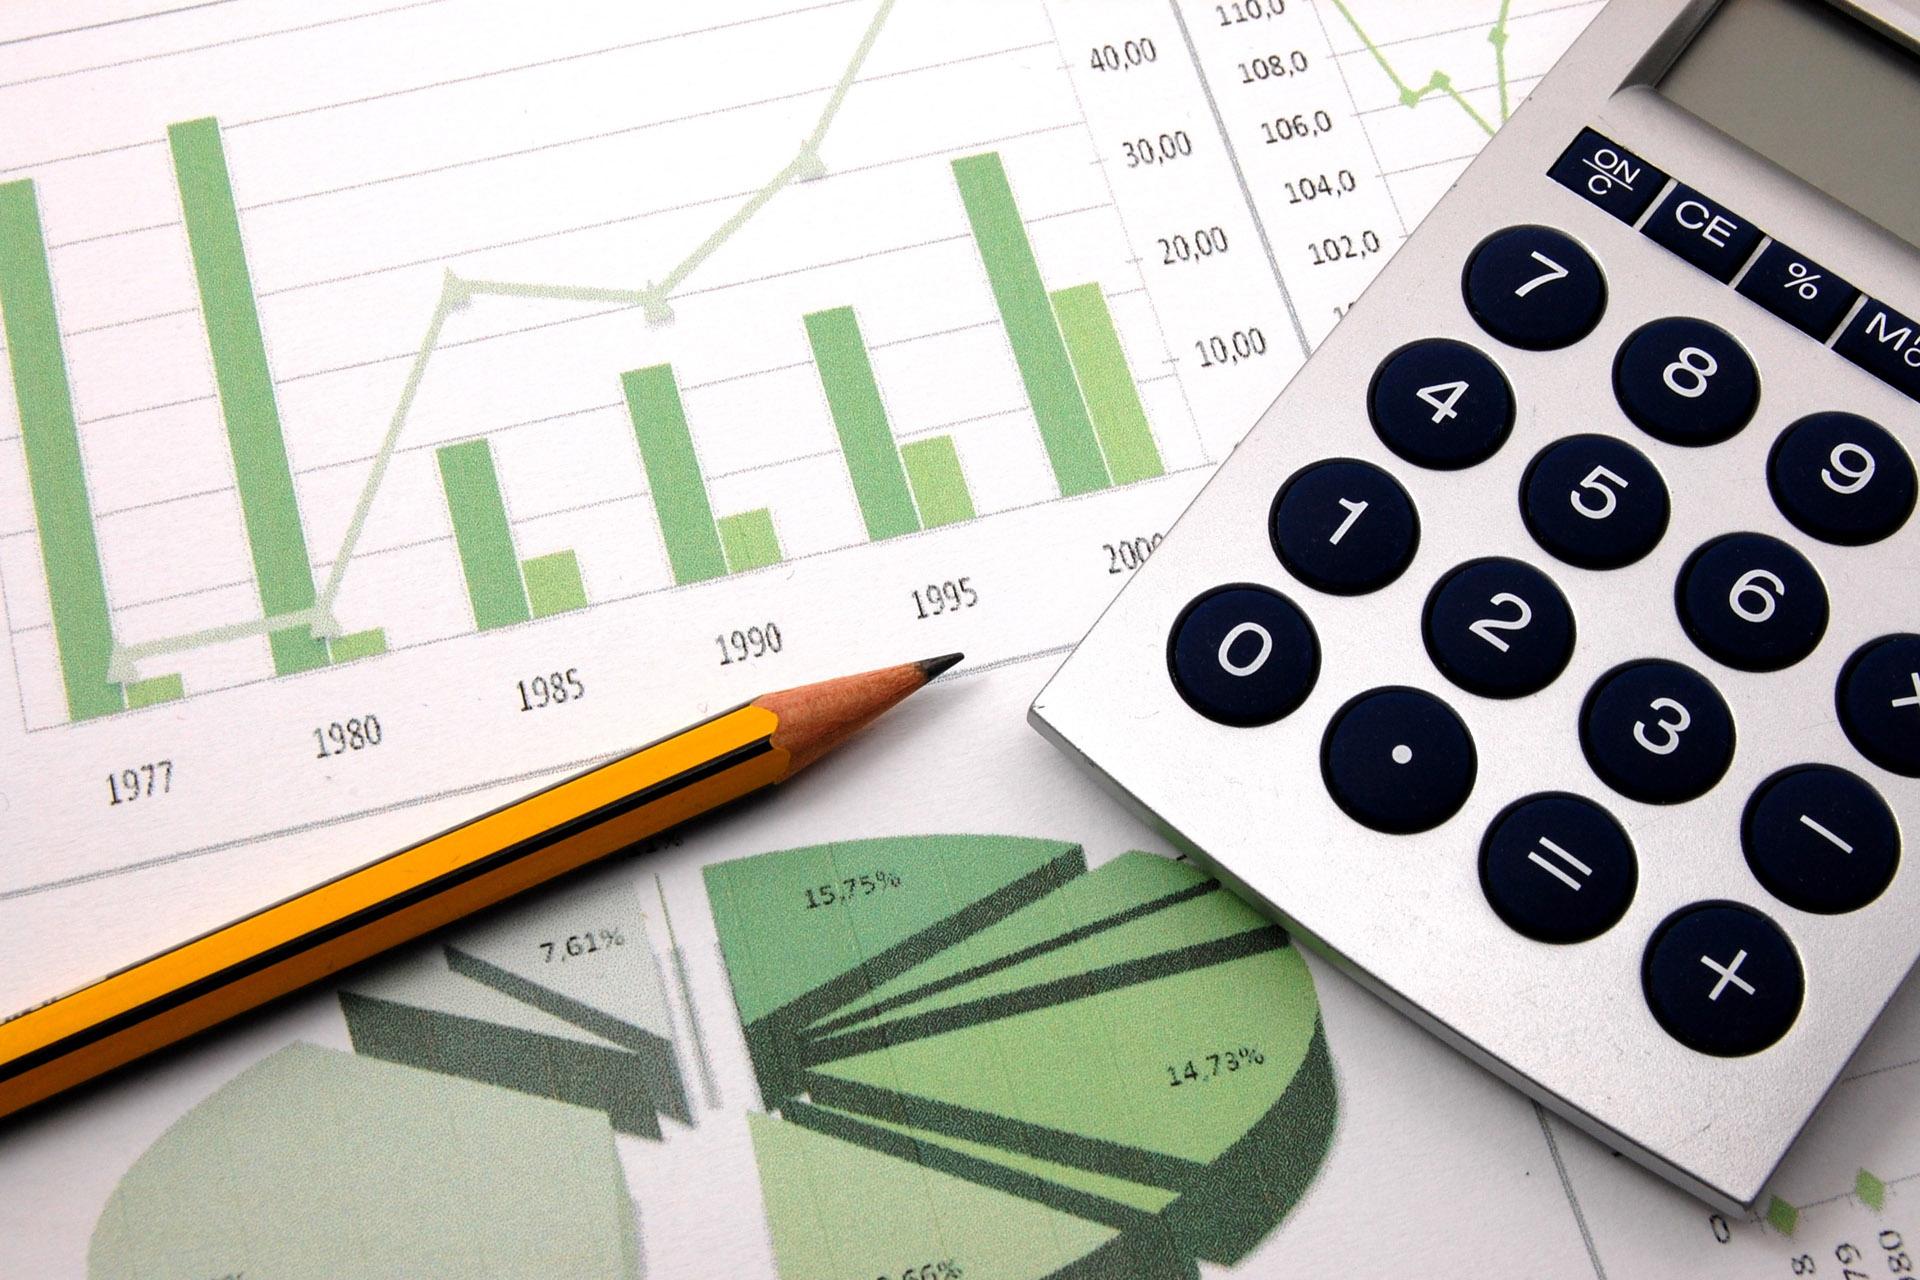 Небольшие НБФУ могут снова столкнуться с проблемами финансирования, поскольку банки становятся разборчивыми